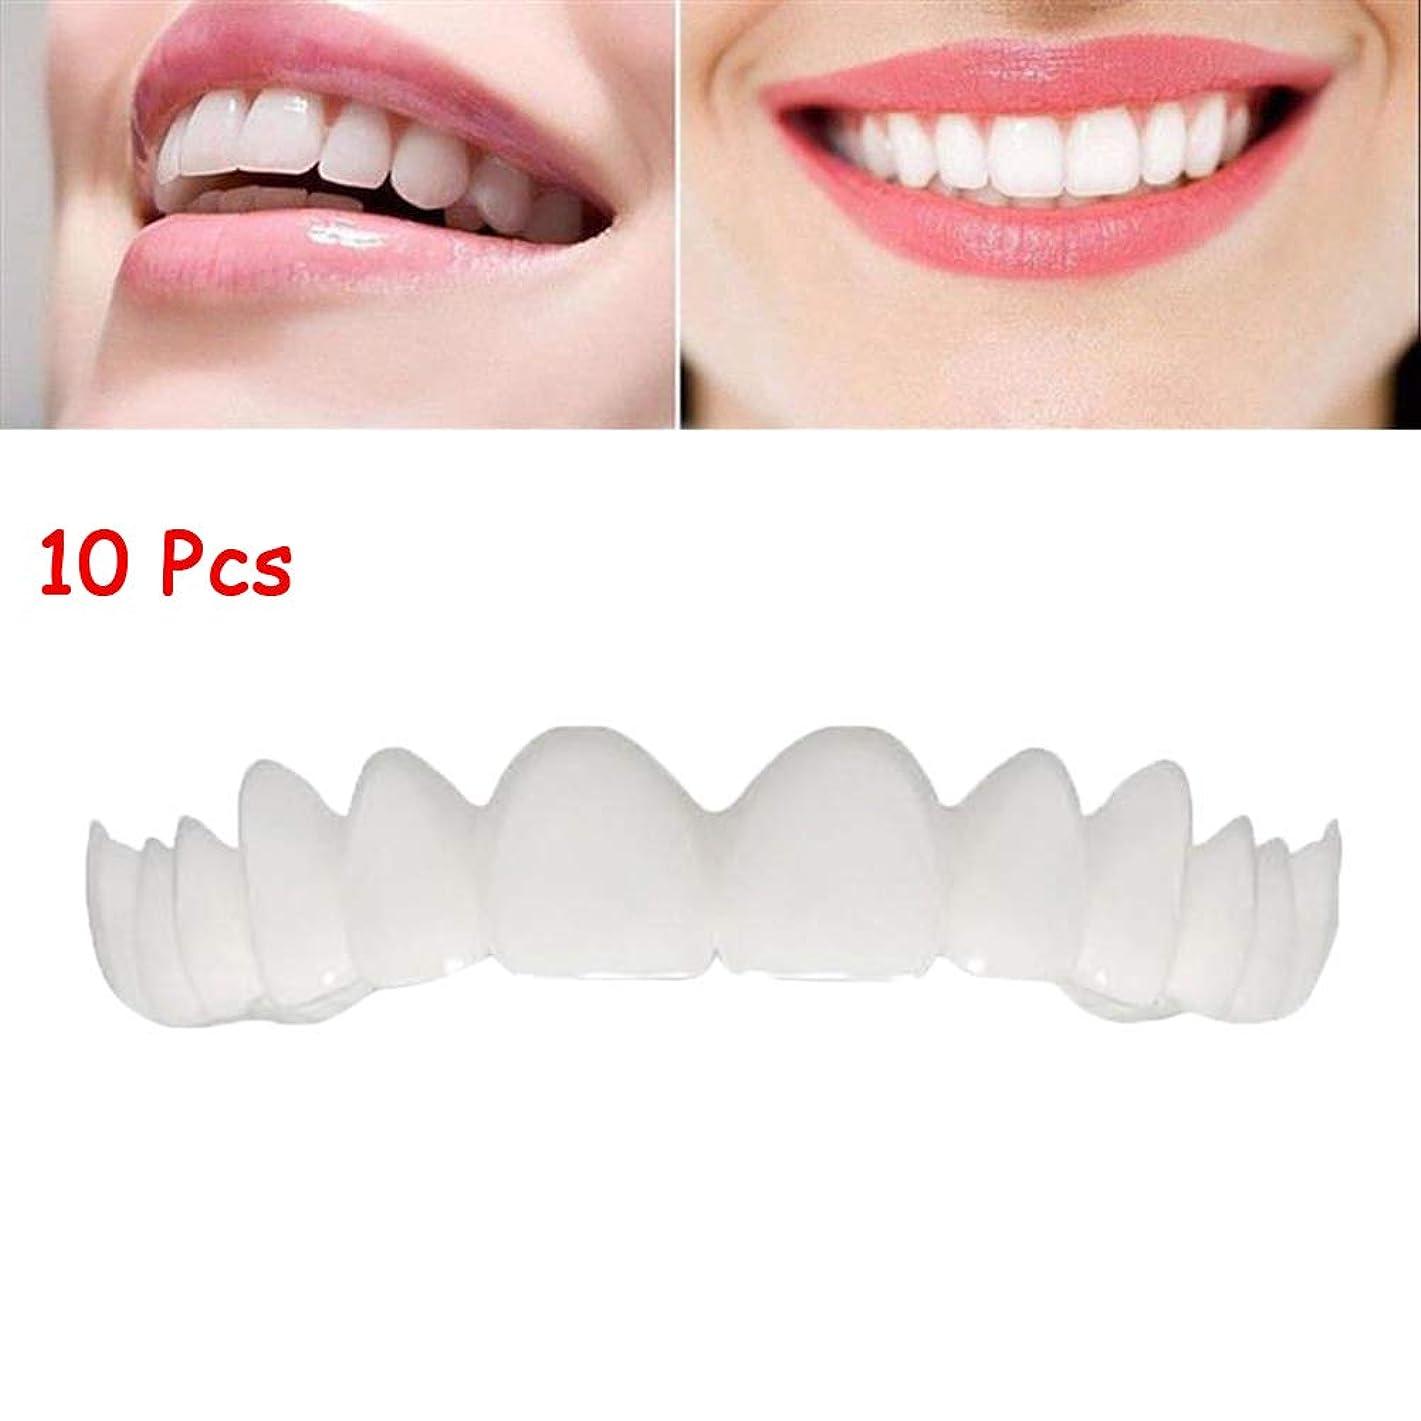 品揃え絶対に広々とした10個の一時的な化粧品の歯の義歯は歯を白くするブレースを模擬